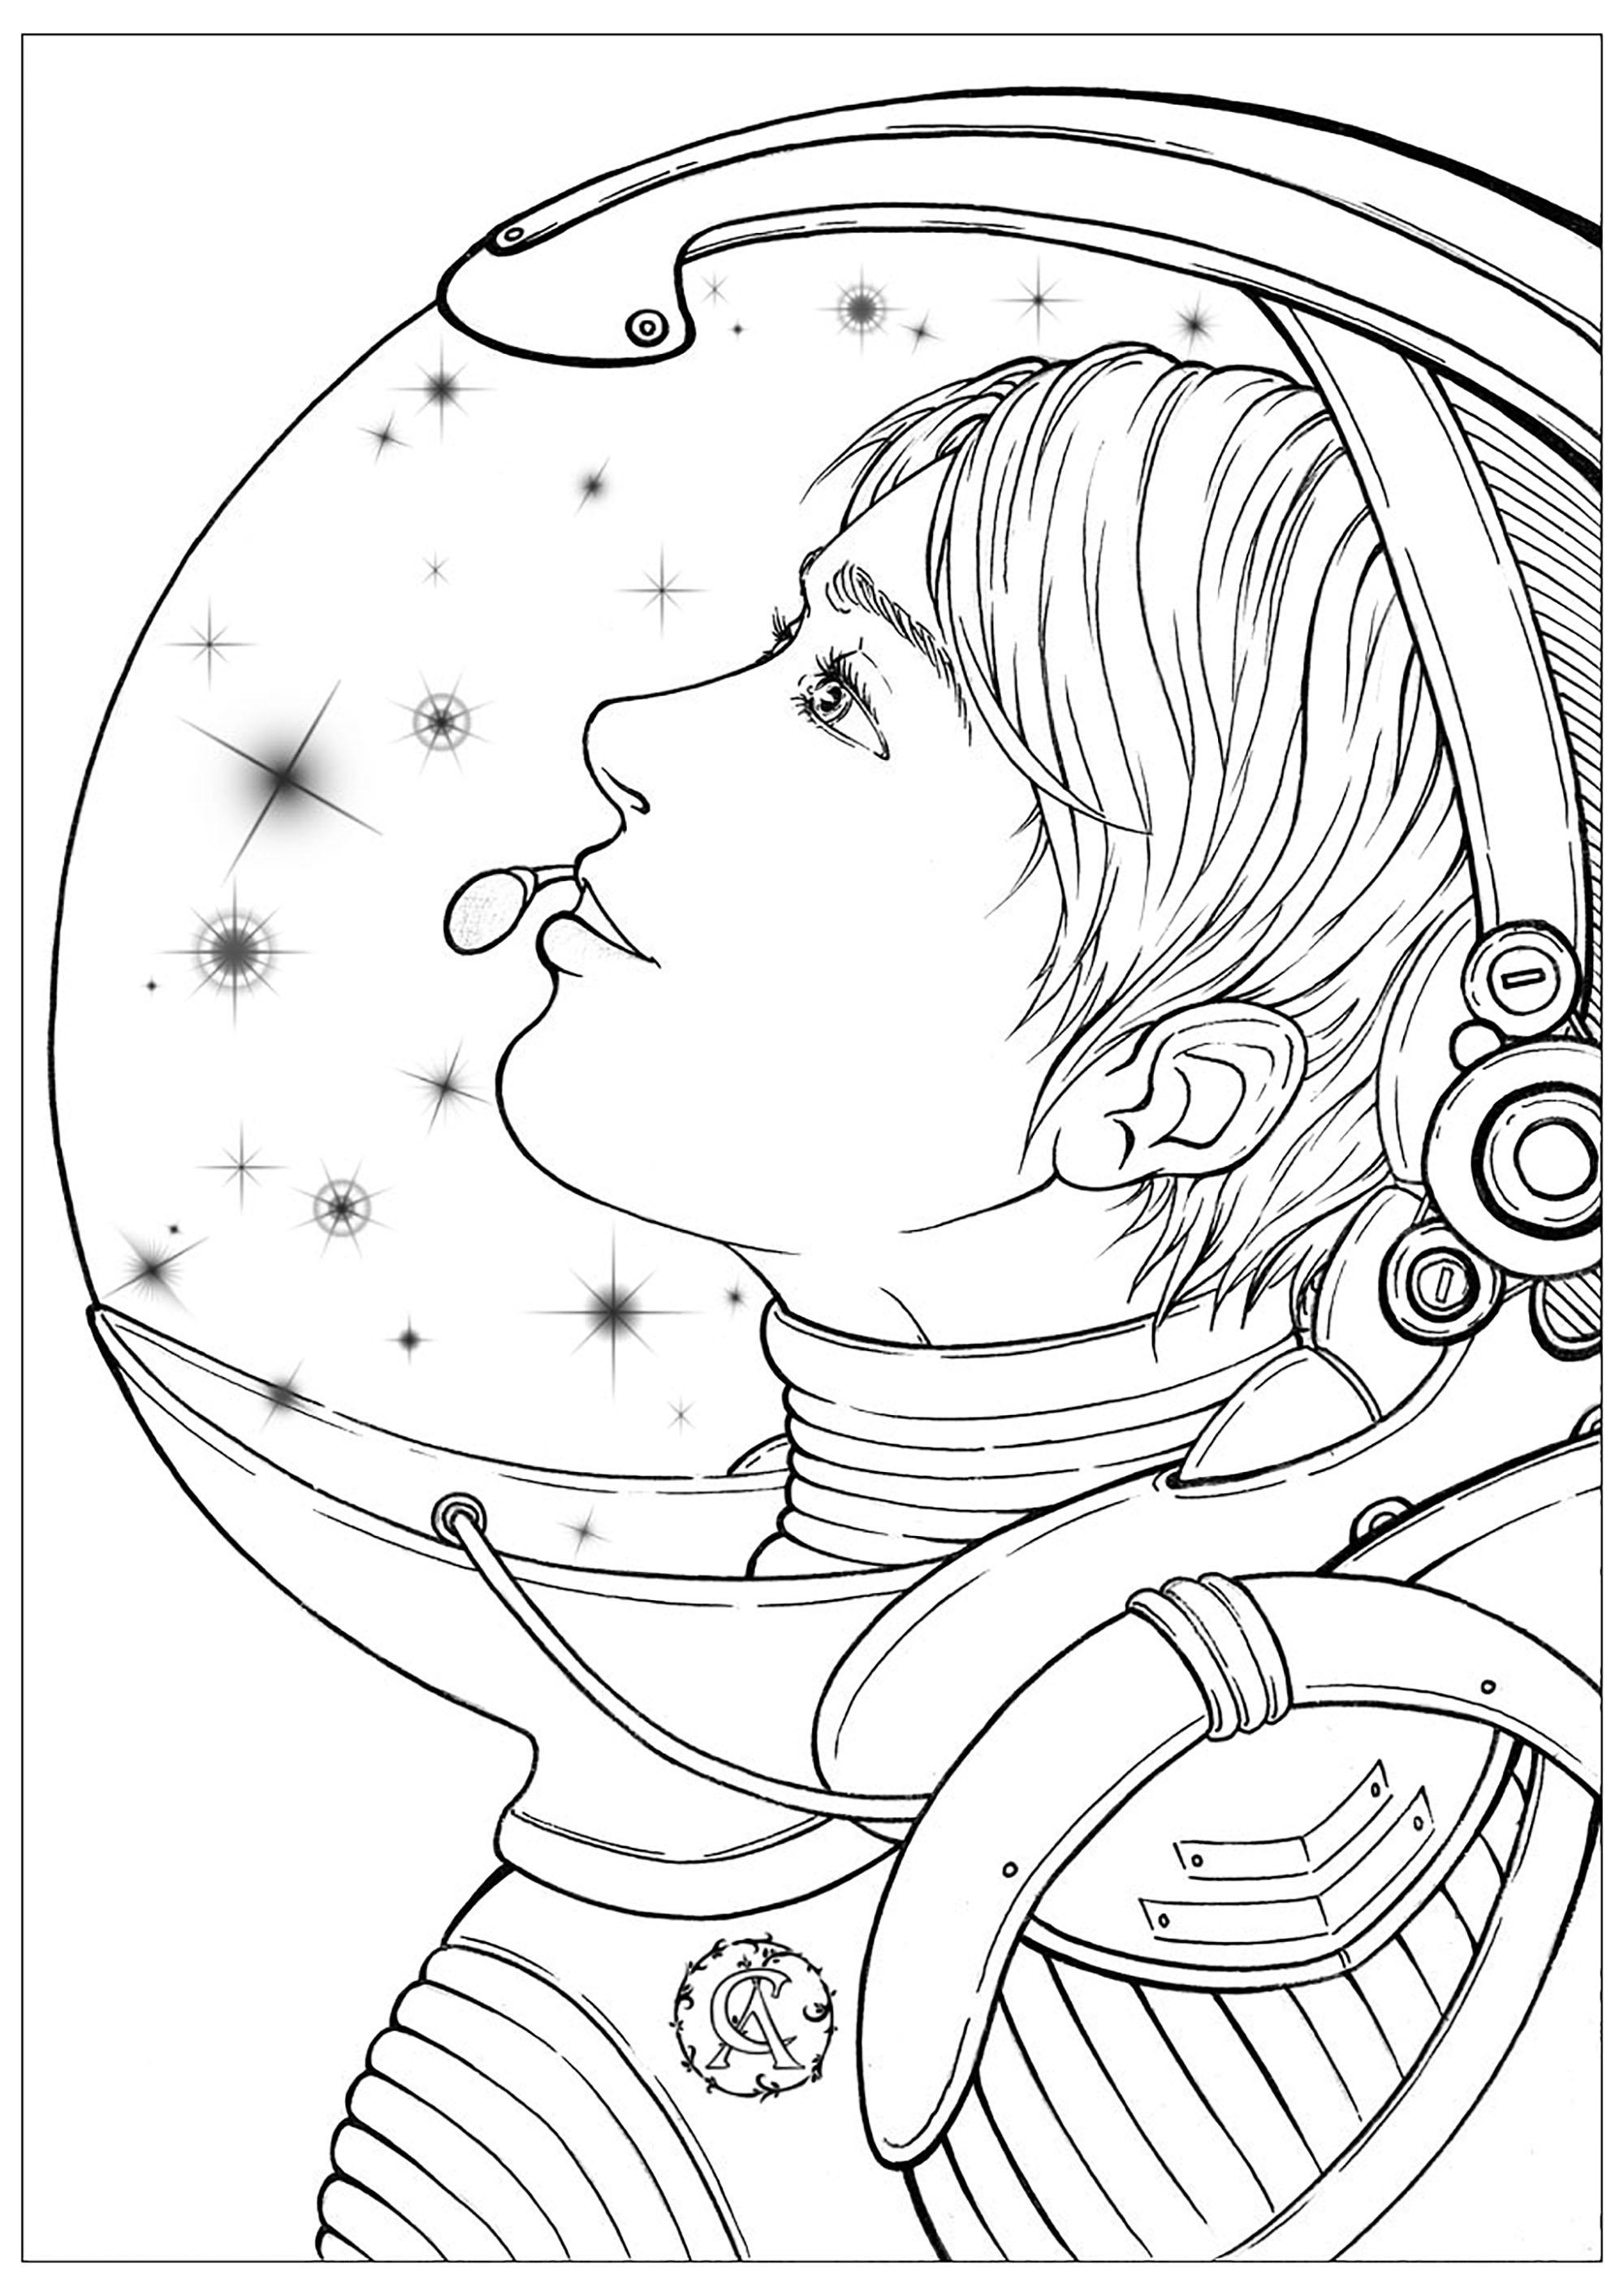 Cette astronaute en combinaison rêve des étoiles qu'elle ira explorer